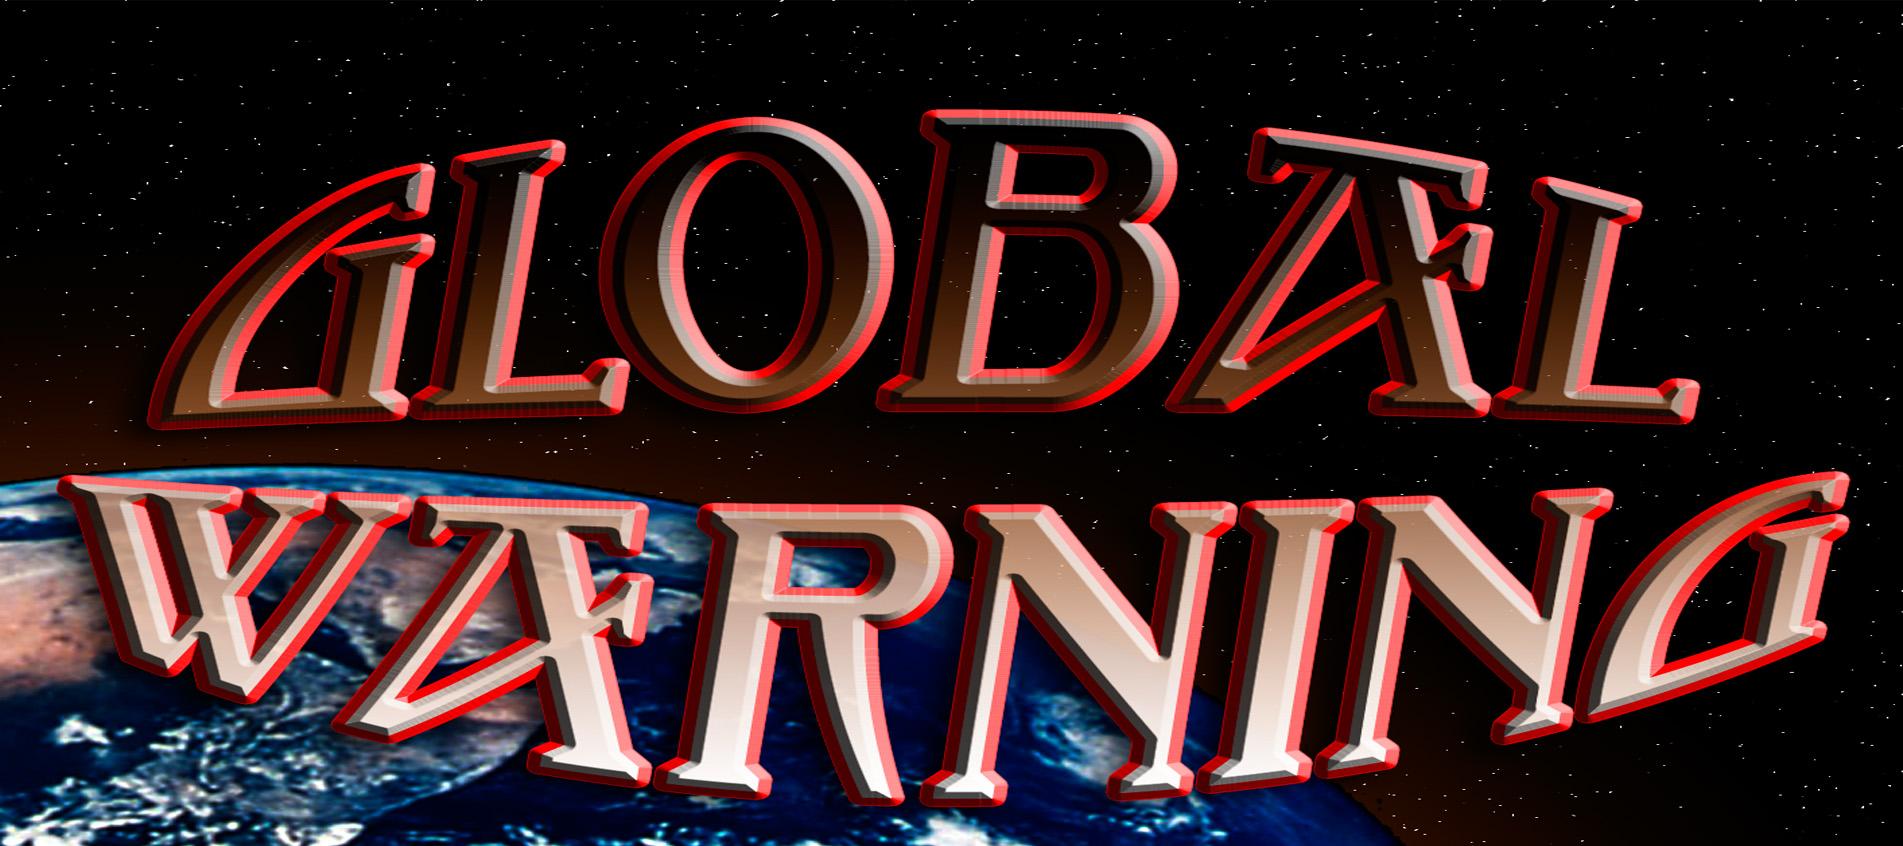 gloabl_warning_slider_